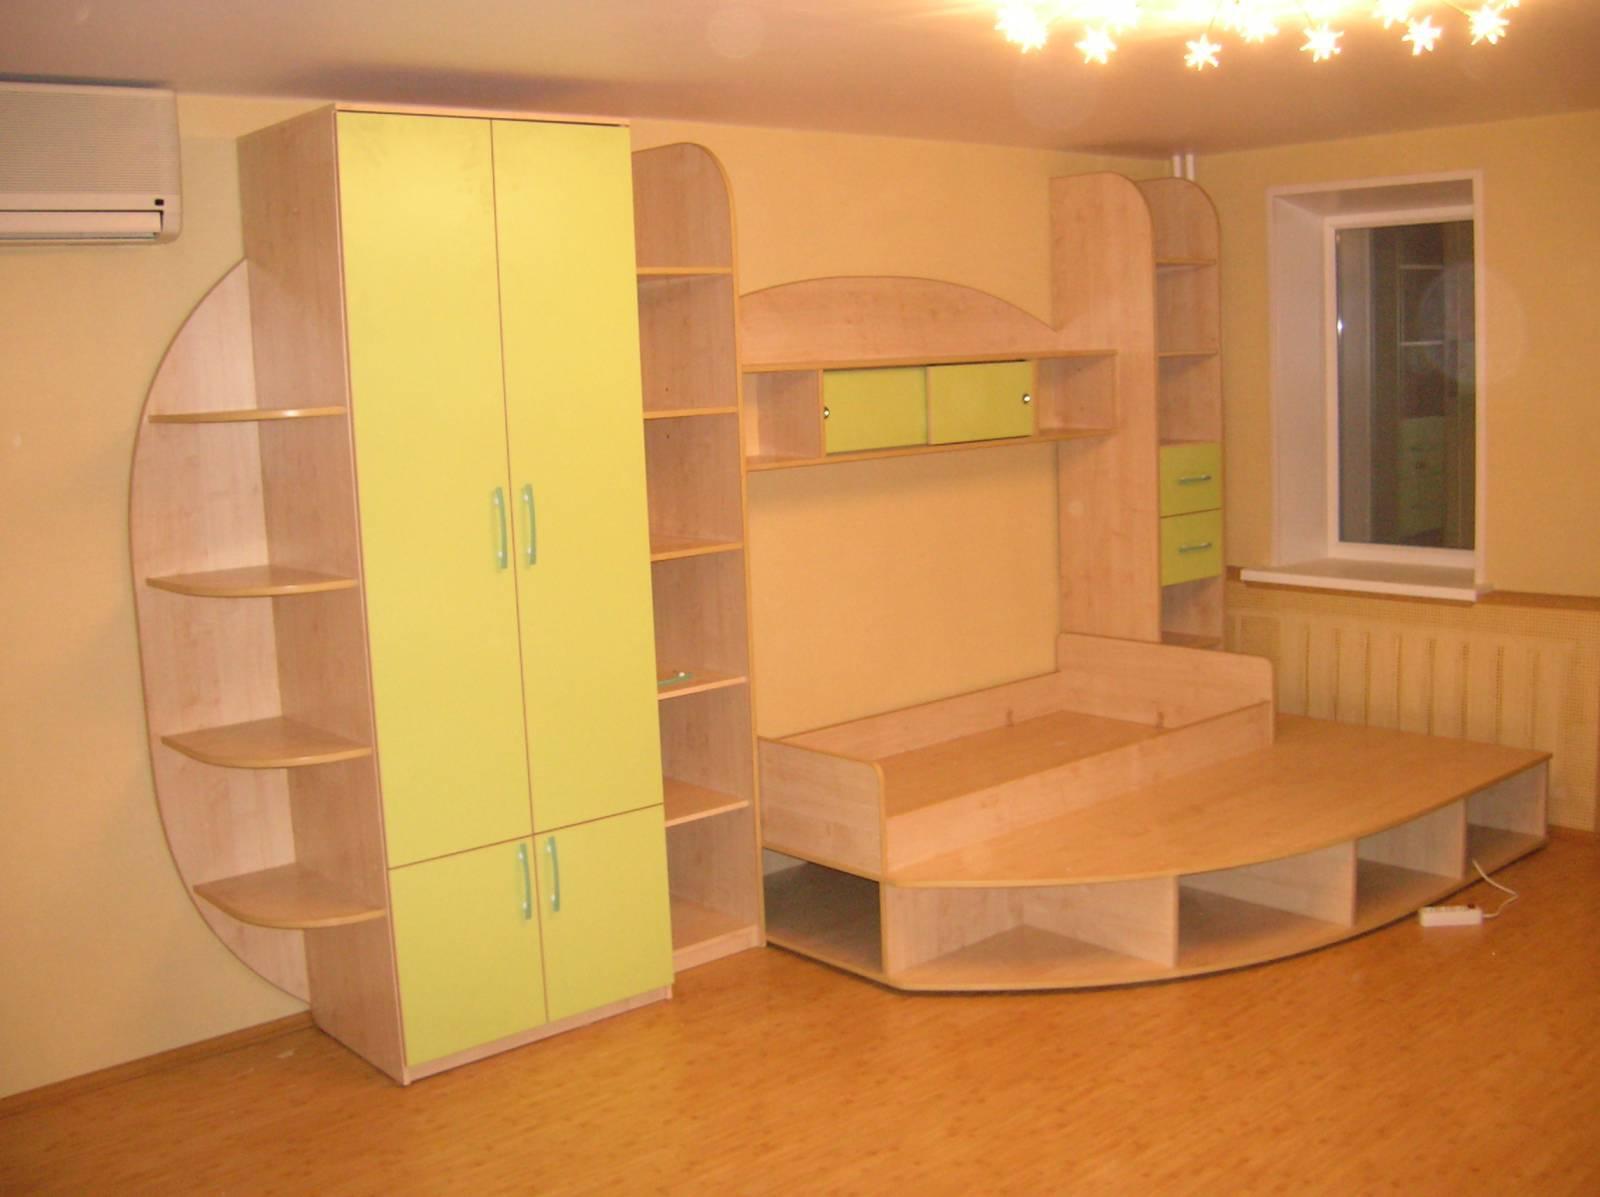 Набор детской мебели, купить в минске детскую мебель.